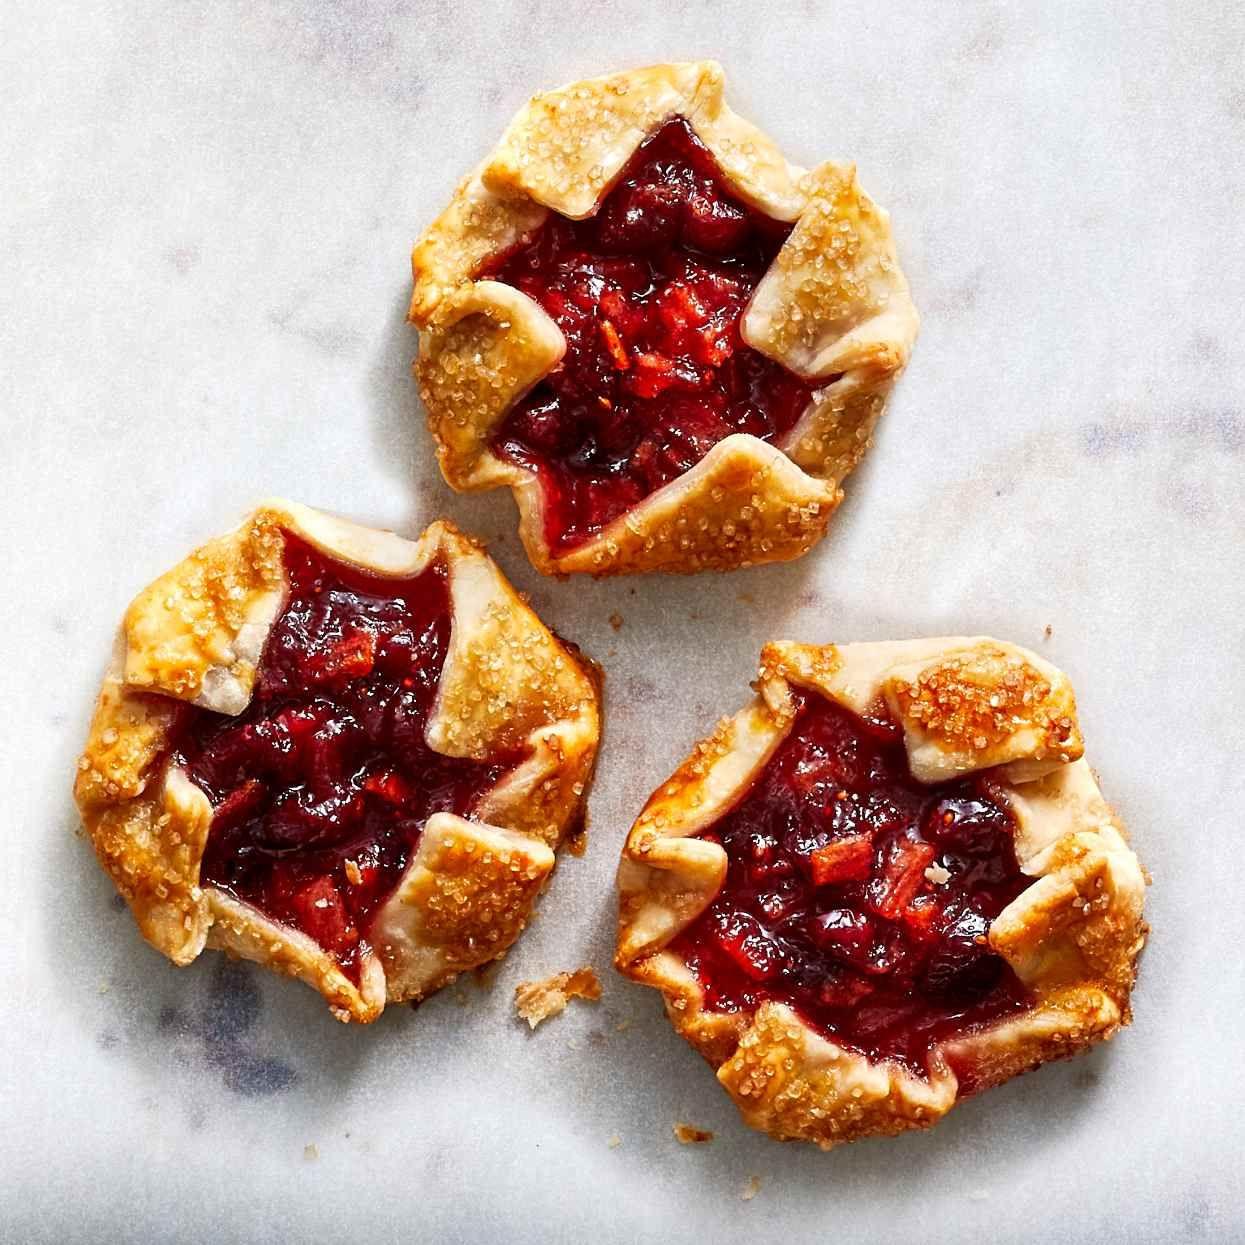 Allrecipes Sweets & Treats Contest